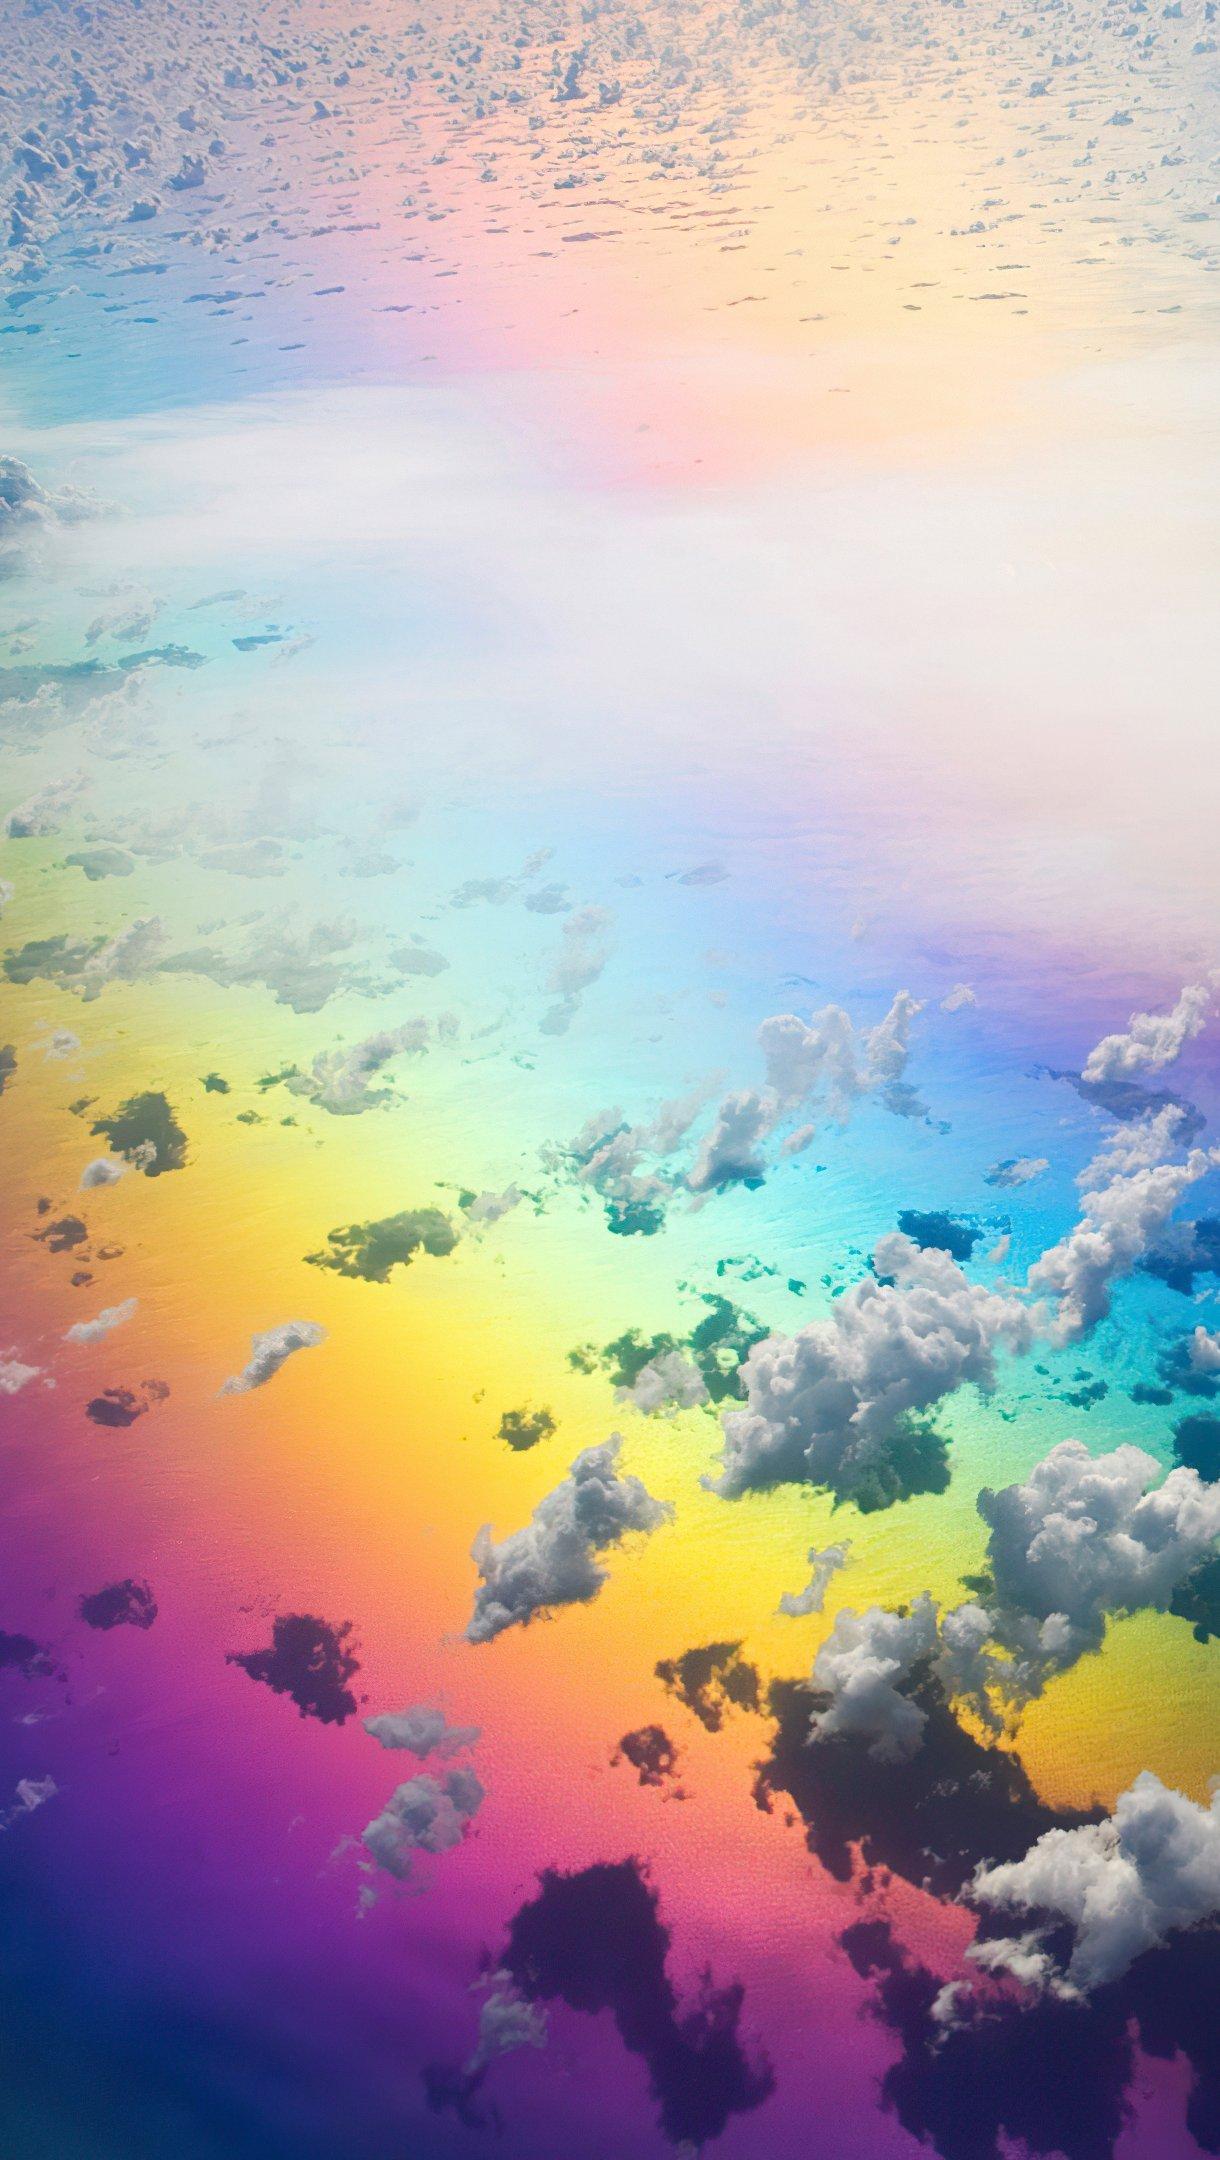 Fondos de pantalla Arcoiris en las nubes Vertical